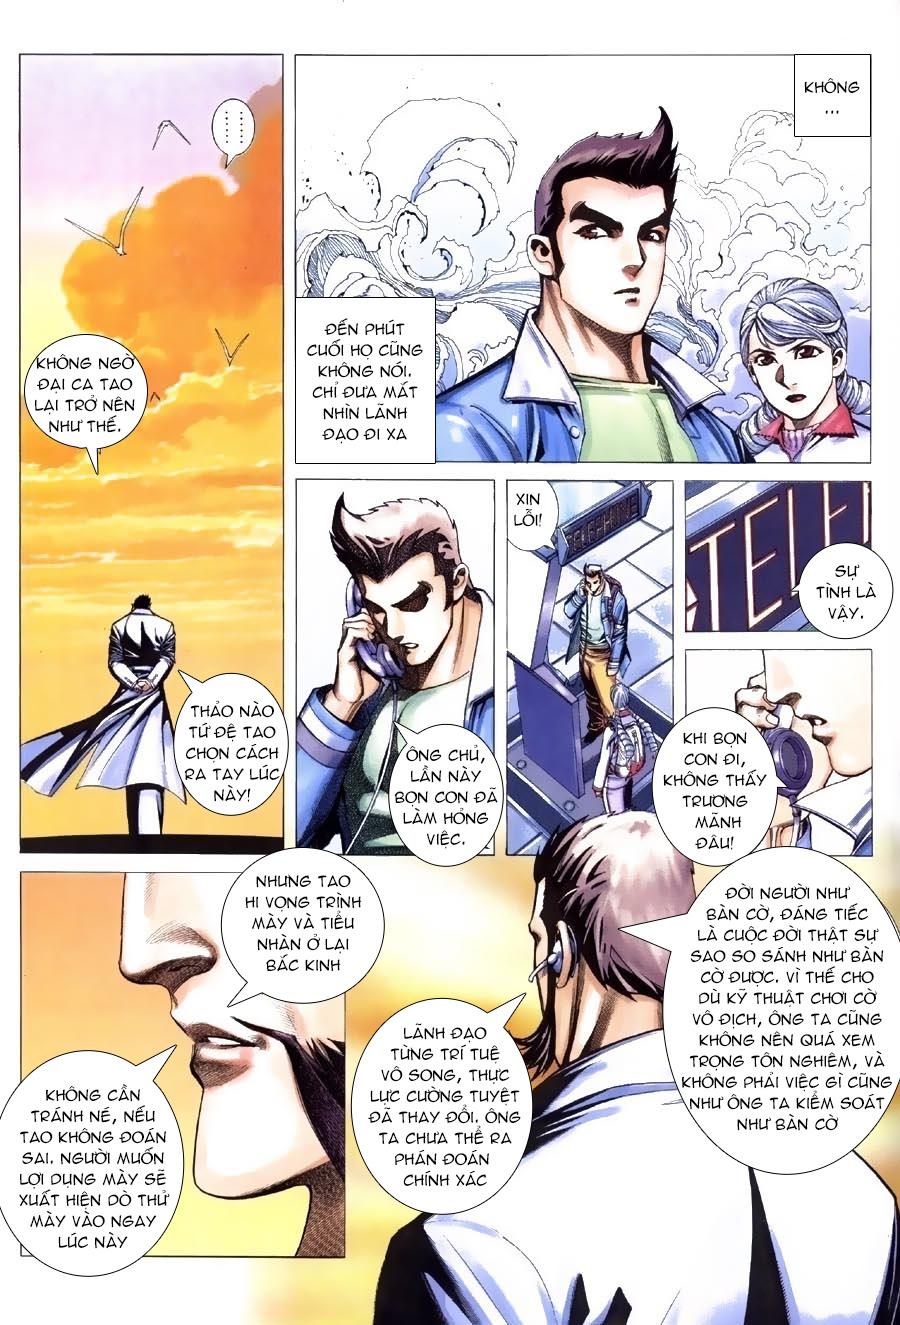 Xích Trụ Phạn Đường chap 13.2 - Trang 16